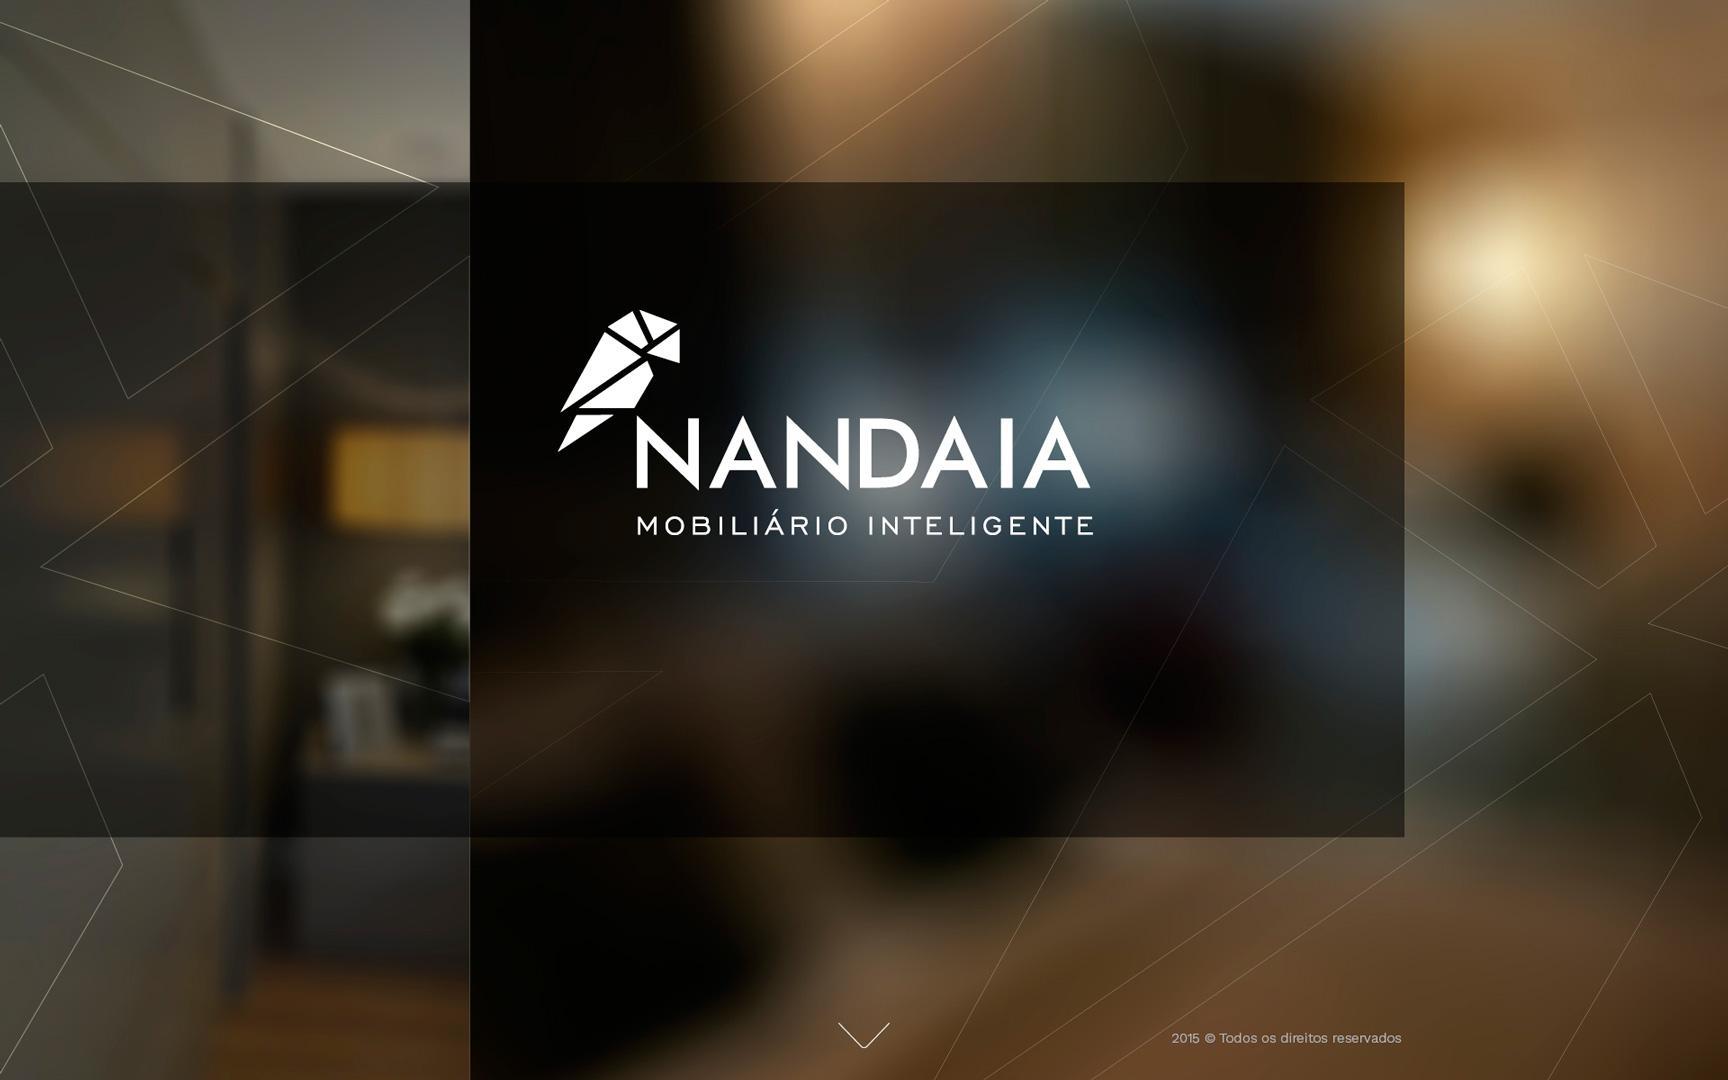 Nandaia